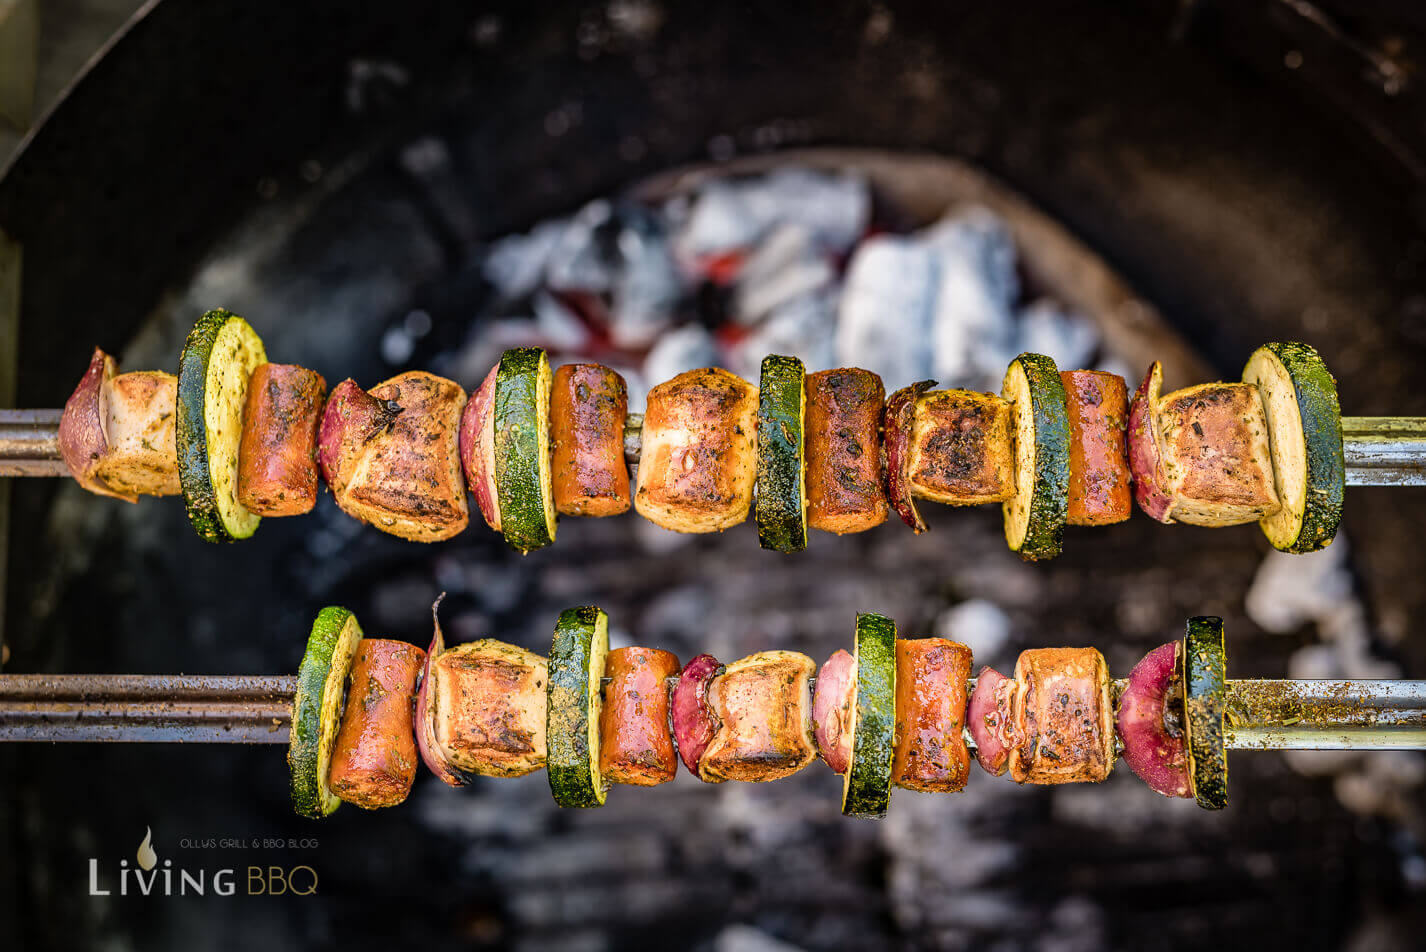 Bratwurst Grillspieß im Grill _Grillspie  e mit Bratwurst 7 von 14